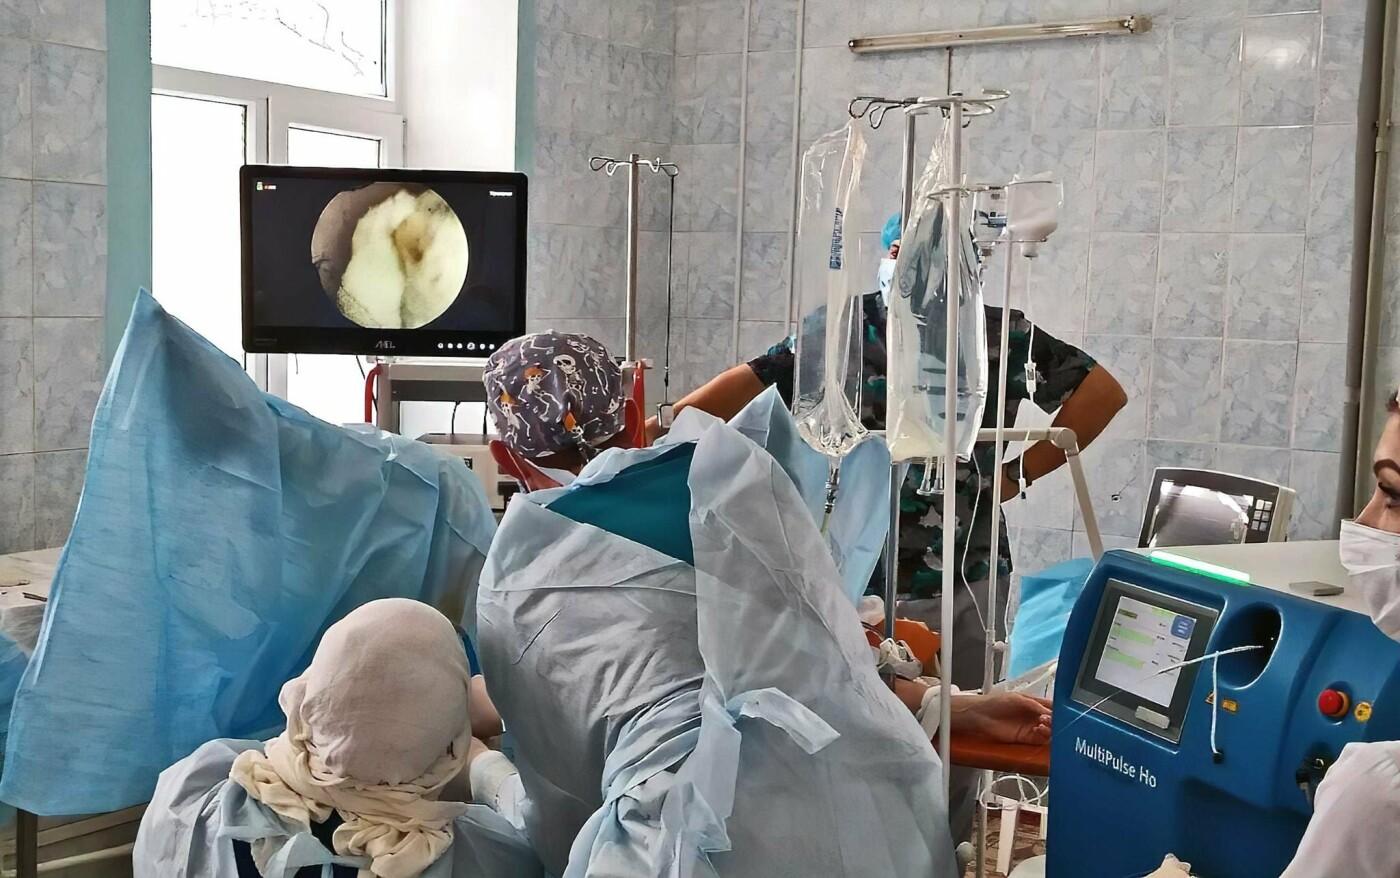 Врачи урологического отделения Луганщины впервые провели сложную операцию лазером, фото-1